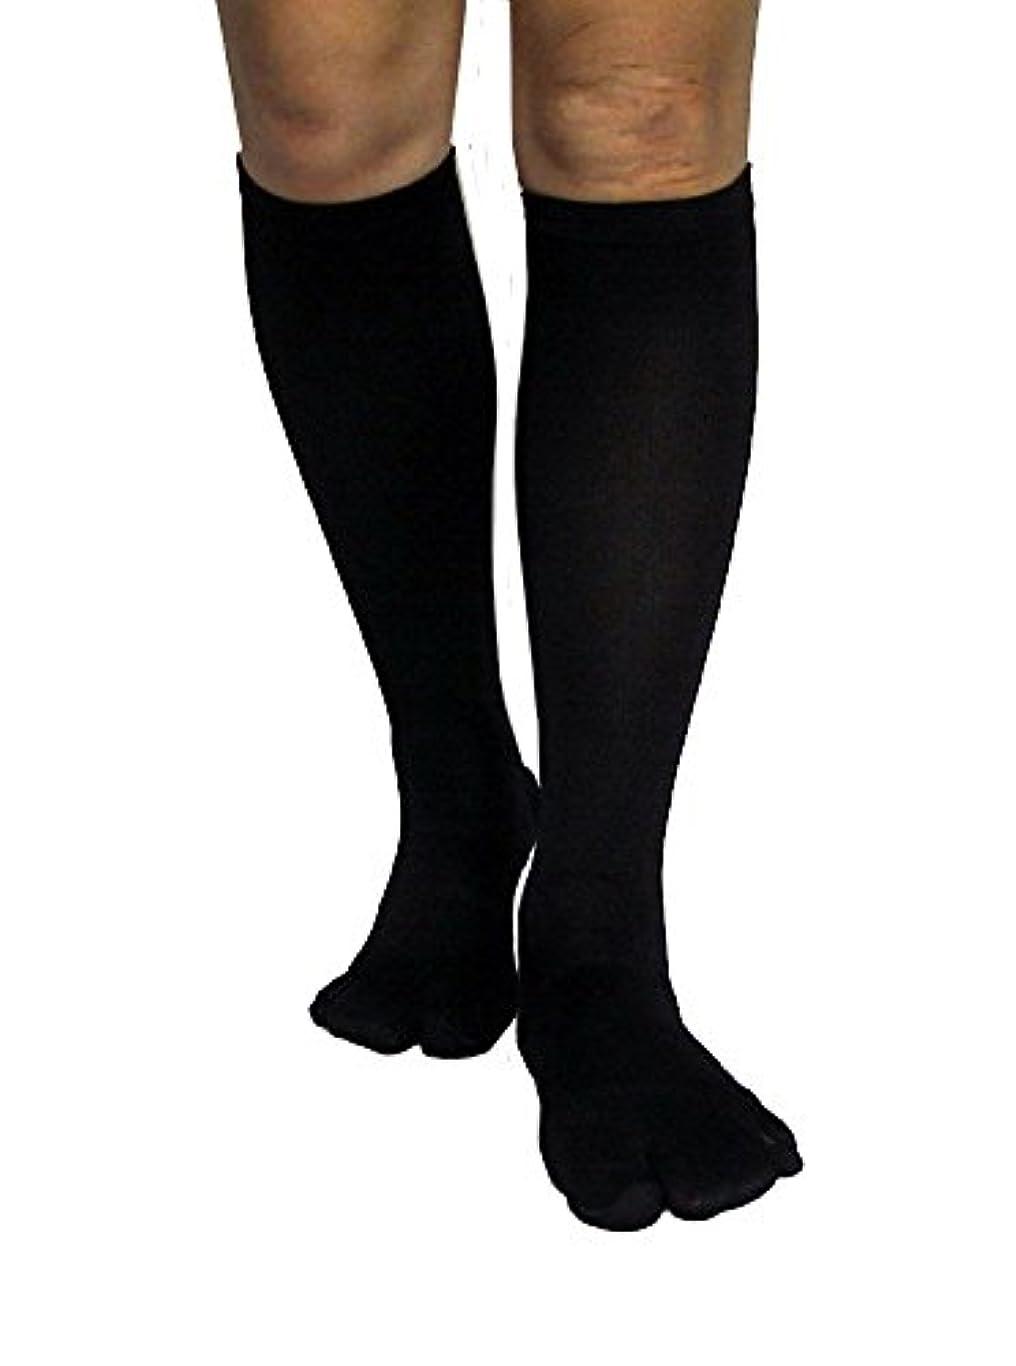 おじさんアンタゴニスト振り向くカサハラ式歩行矯正ロングテーピング靴下(3本指タイプ)「黒24-26」